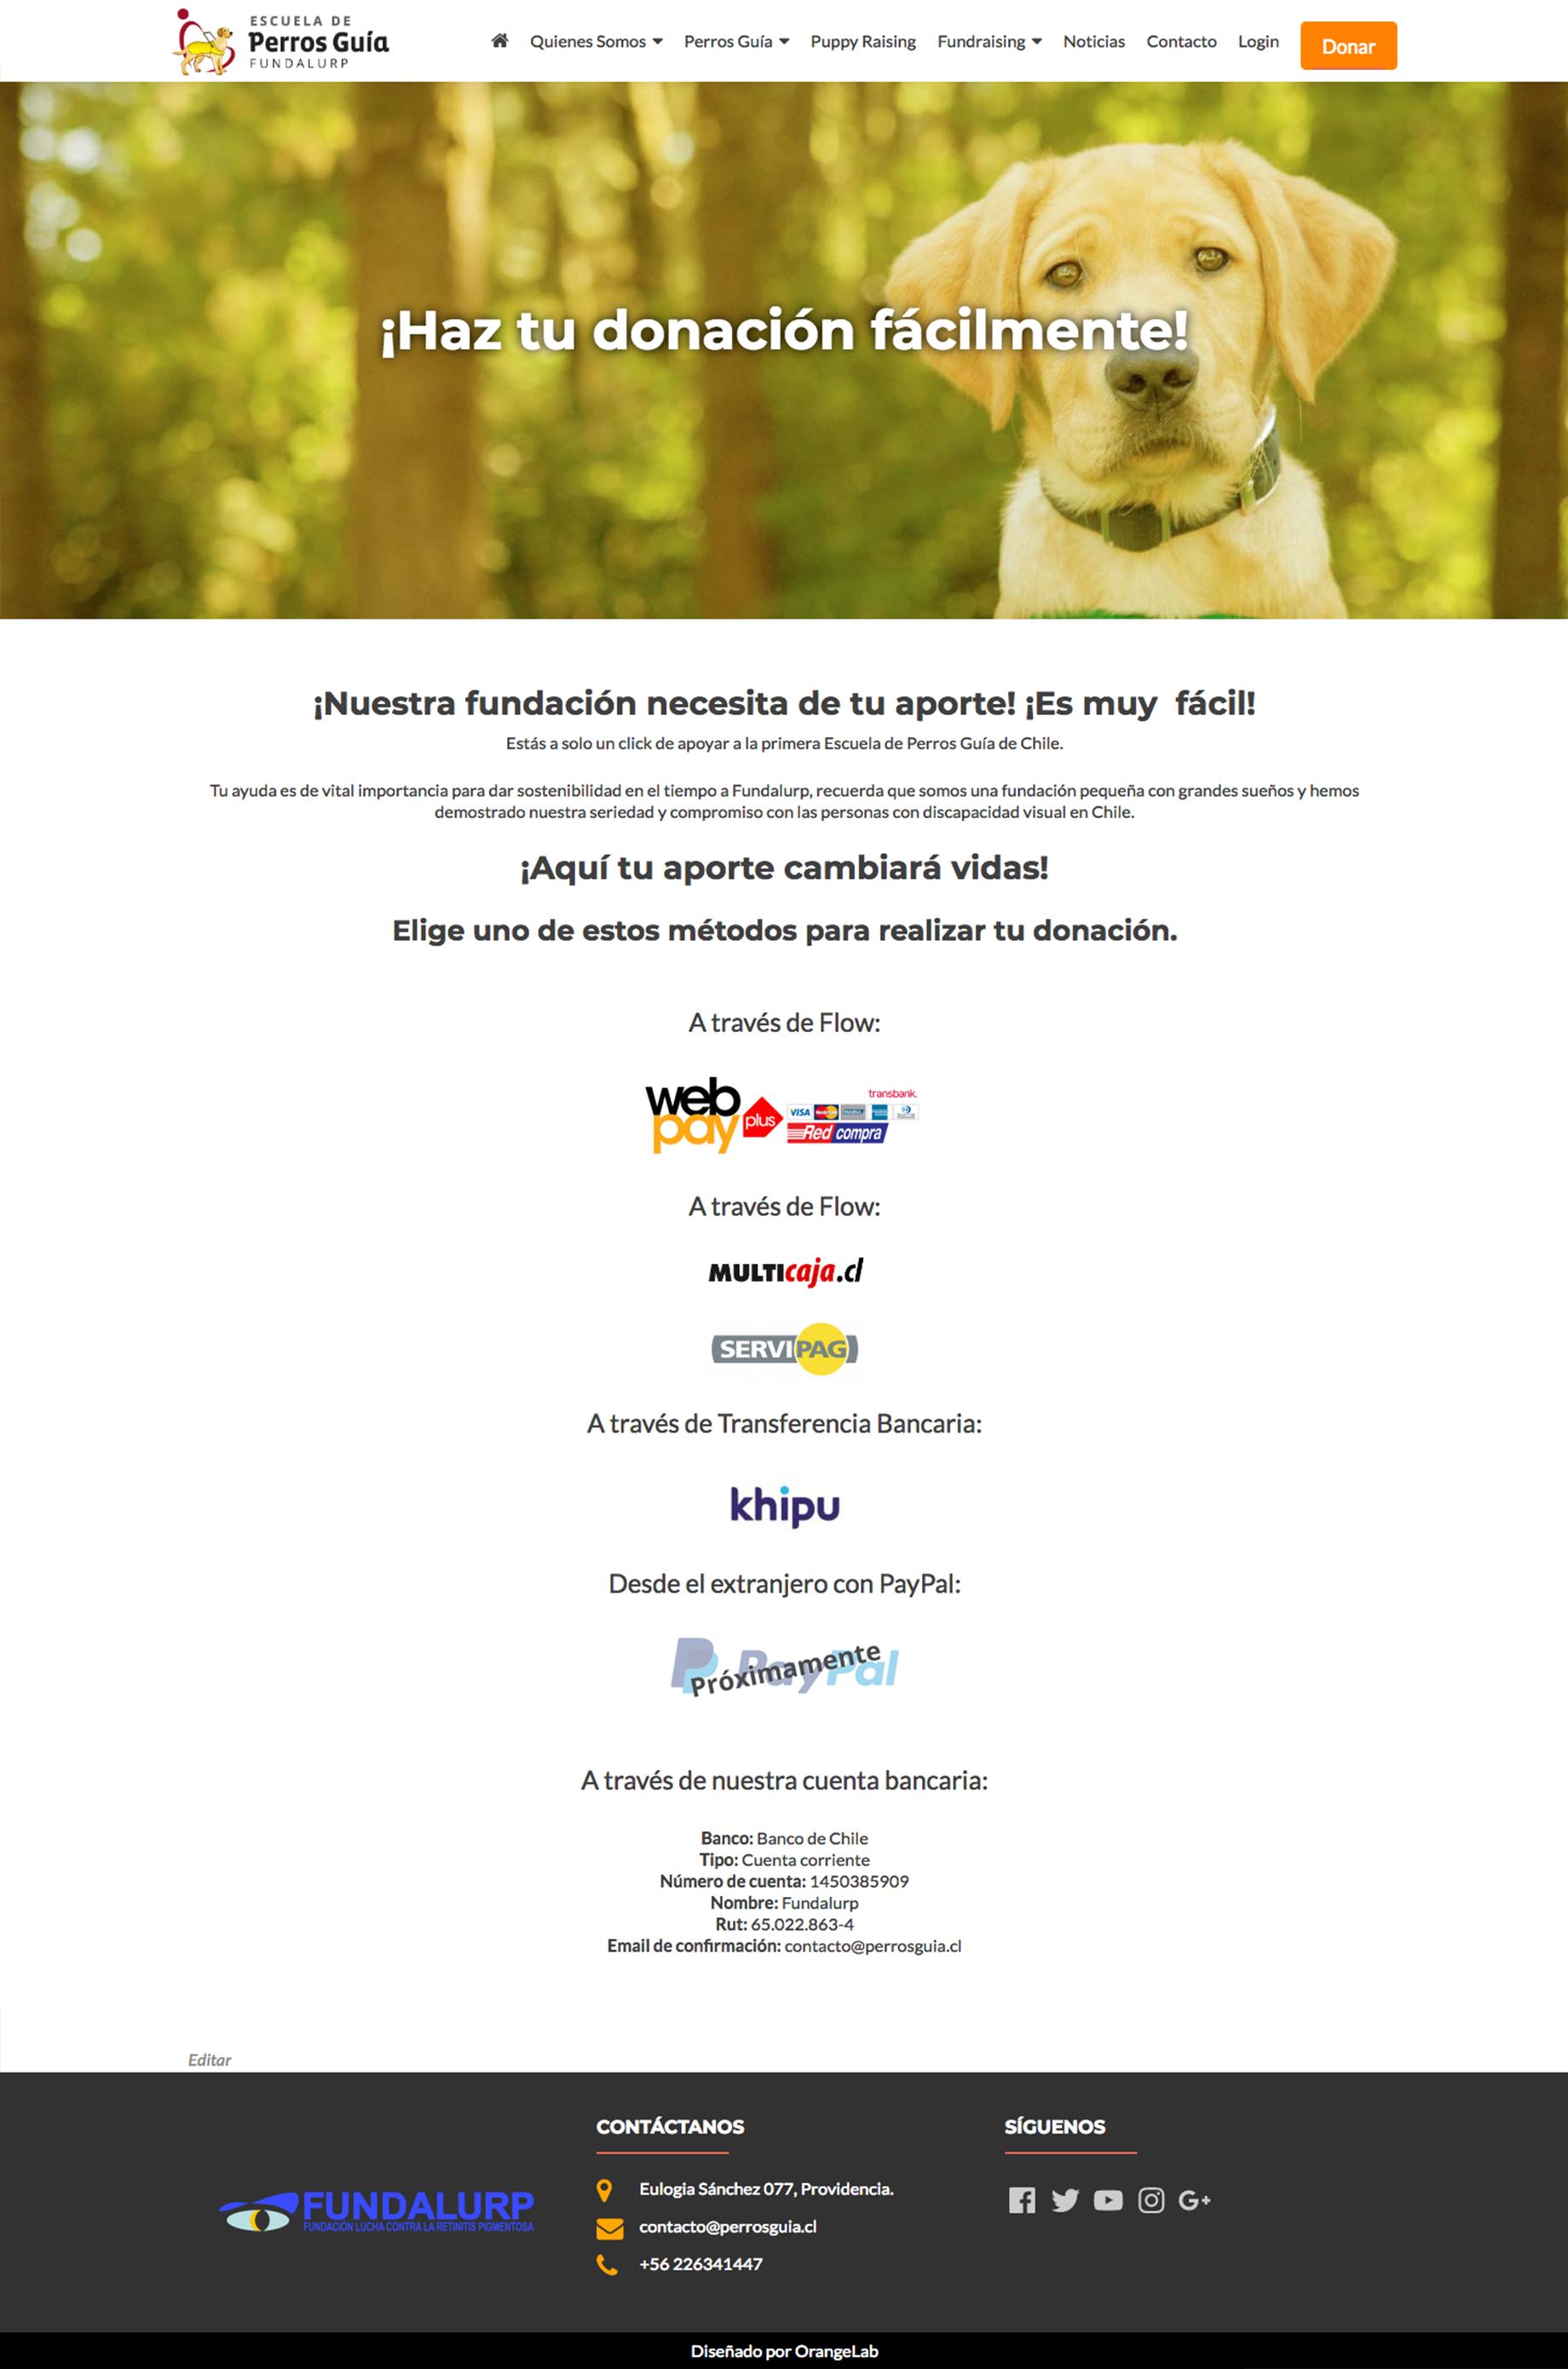 Screenshot_2018-07-15 Donación - Escuela de Perros Guía Fundalurp